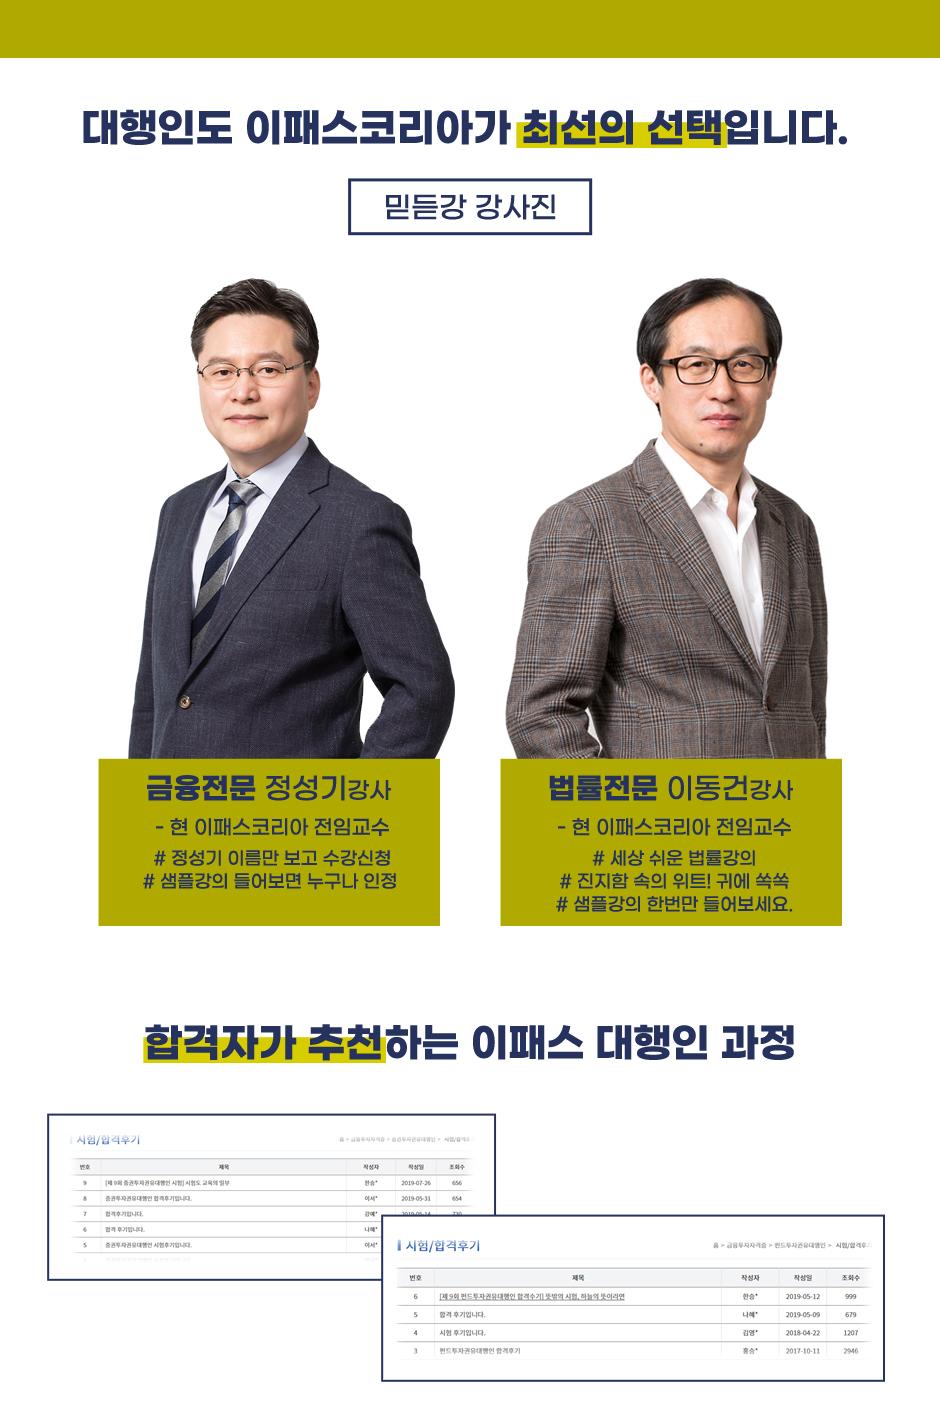 증권투자구너유대행인+펀드투자권유대행인 패키지이벤트